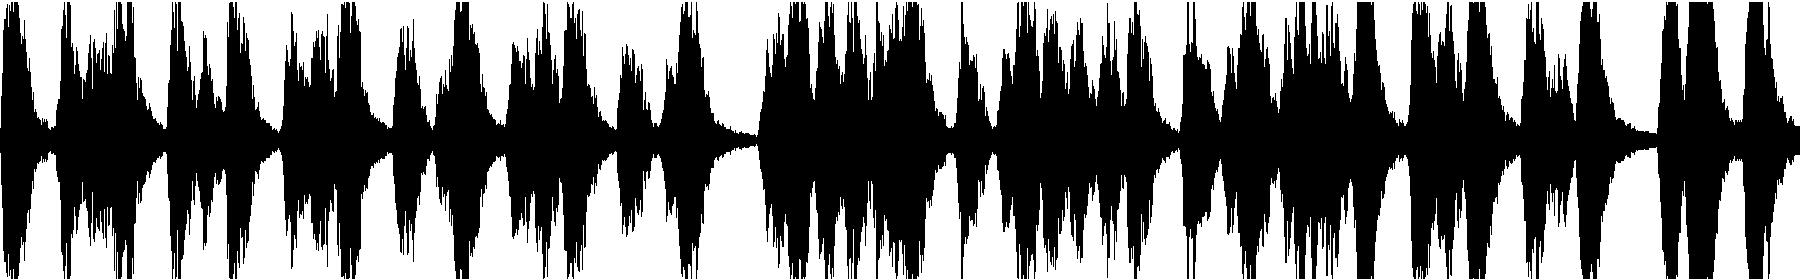 melody 07bpm125keyd